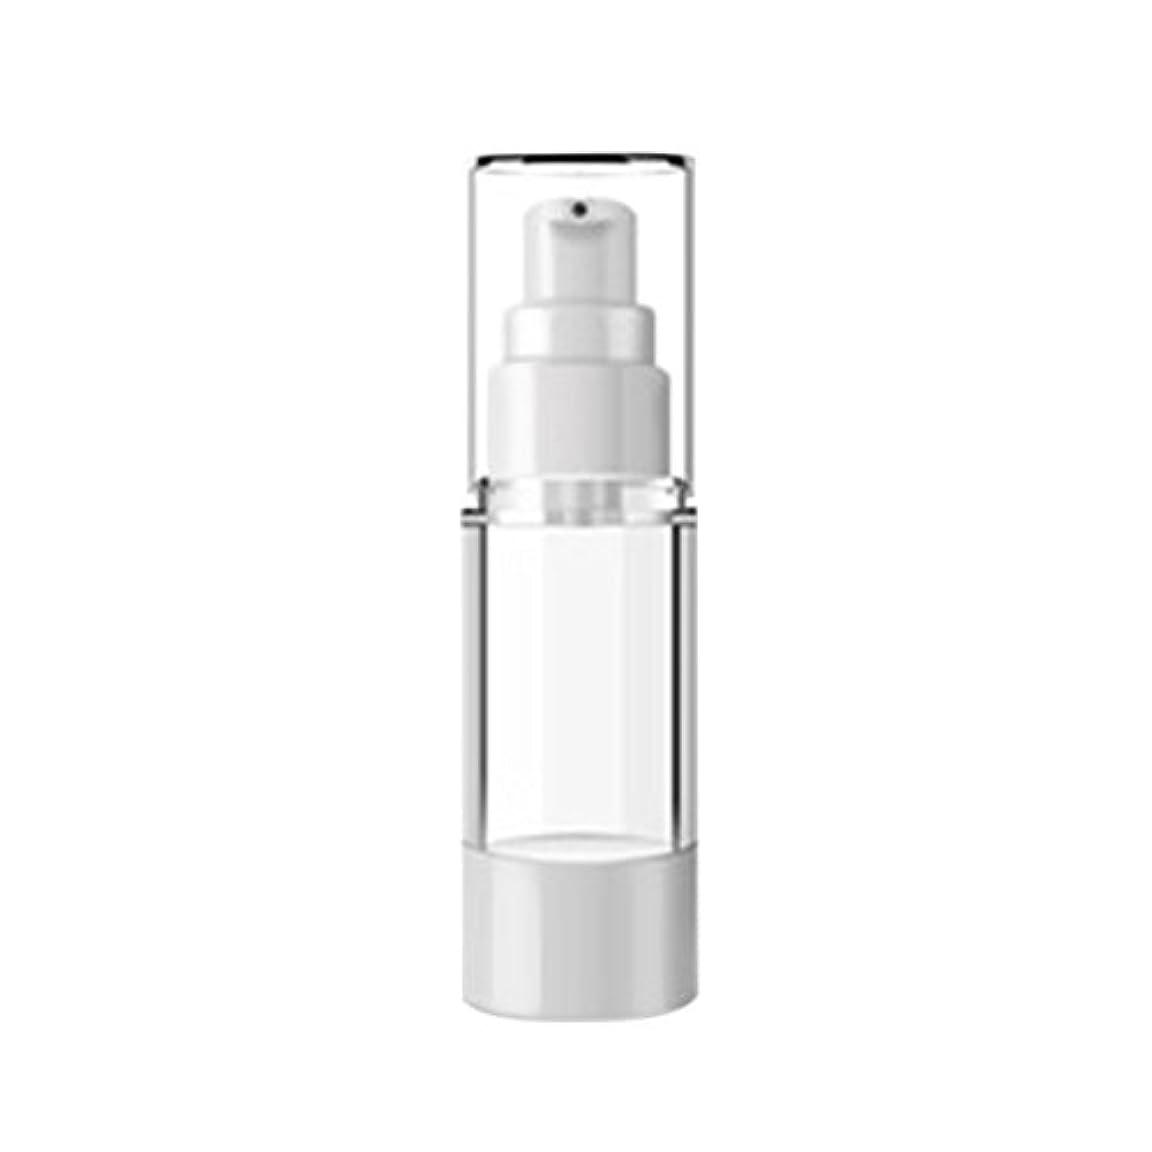 コミットメント宣言牛Vi.yo 小分けボトル スプレーボトル 押し式詰替用ボトル コスメ用詰替え容器 携帯便利 出張 旅行用品 スタイル1 3本セット 100ml